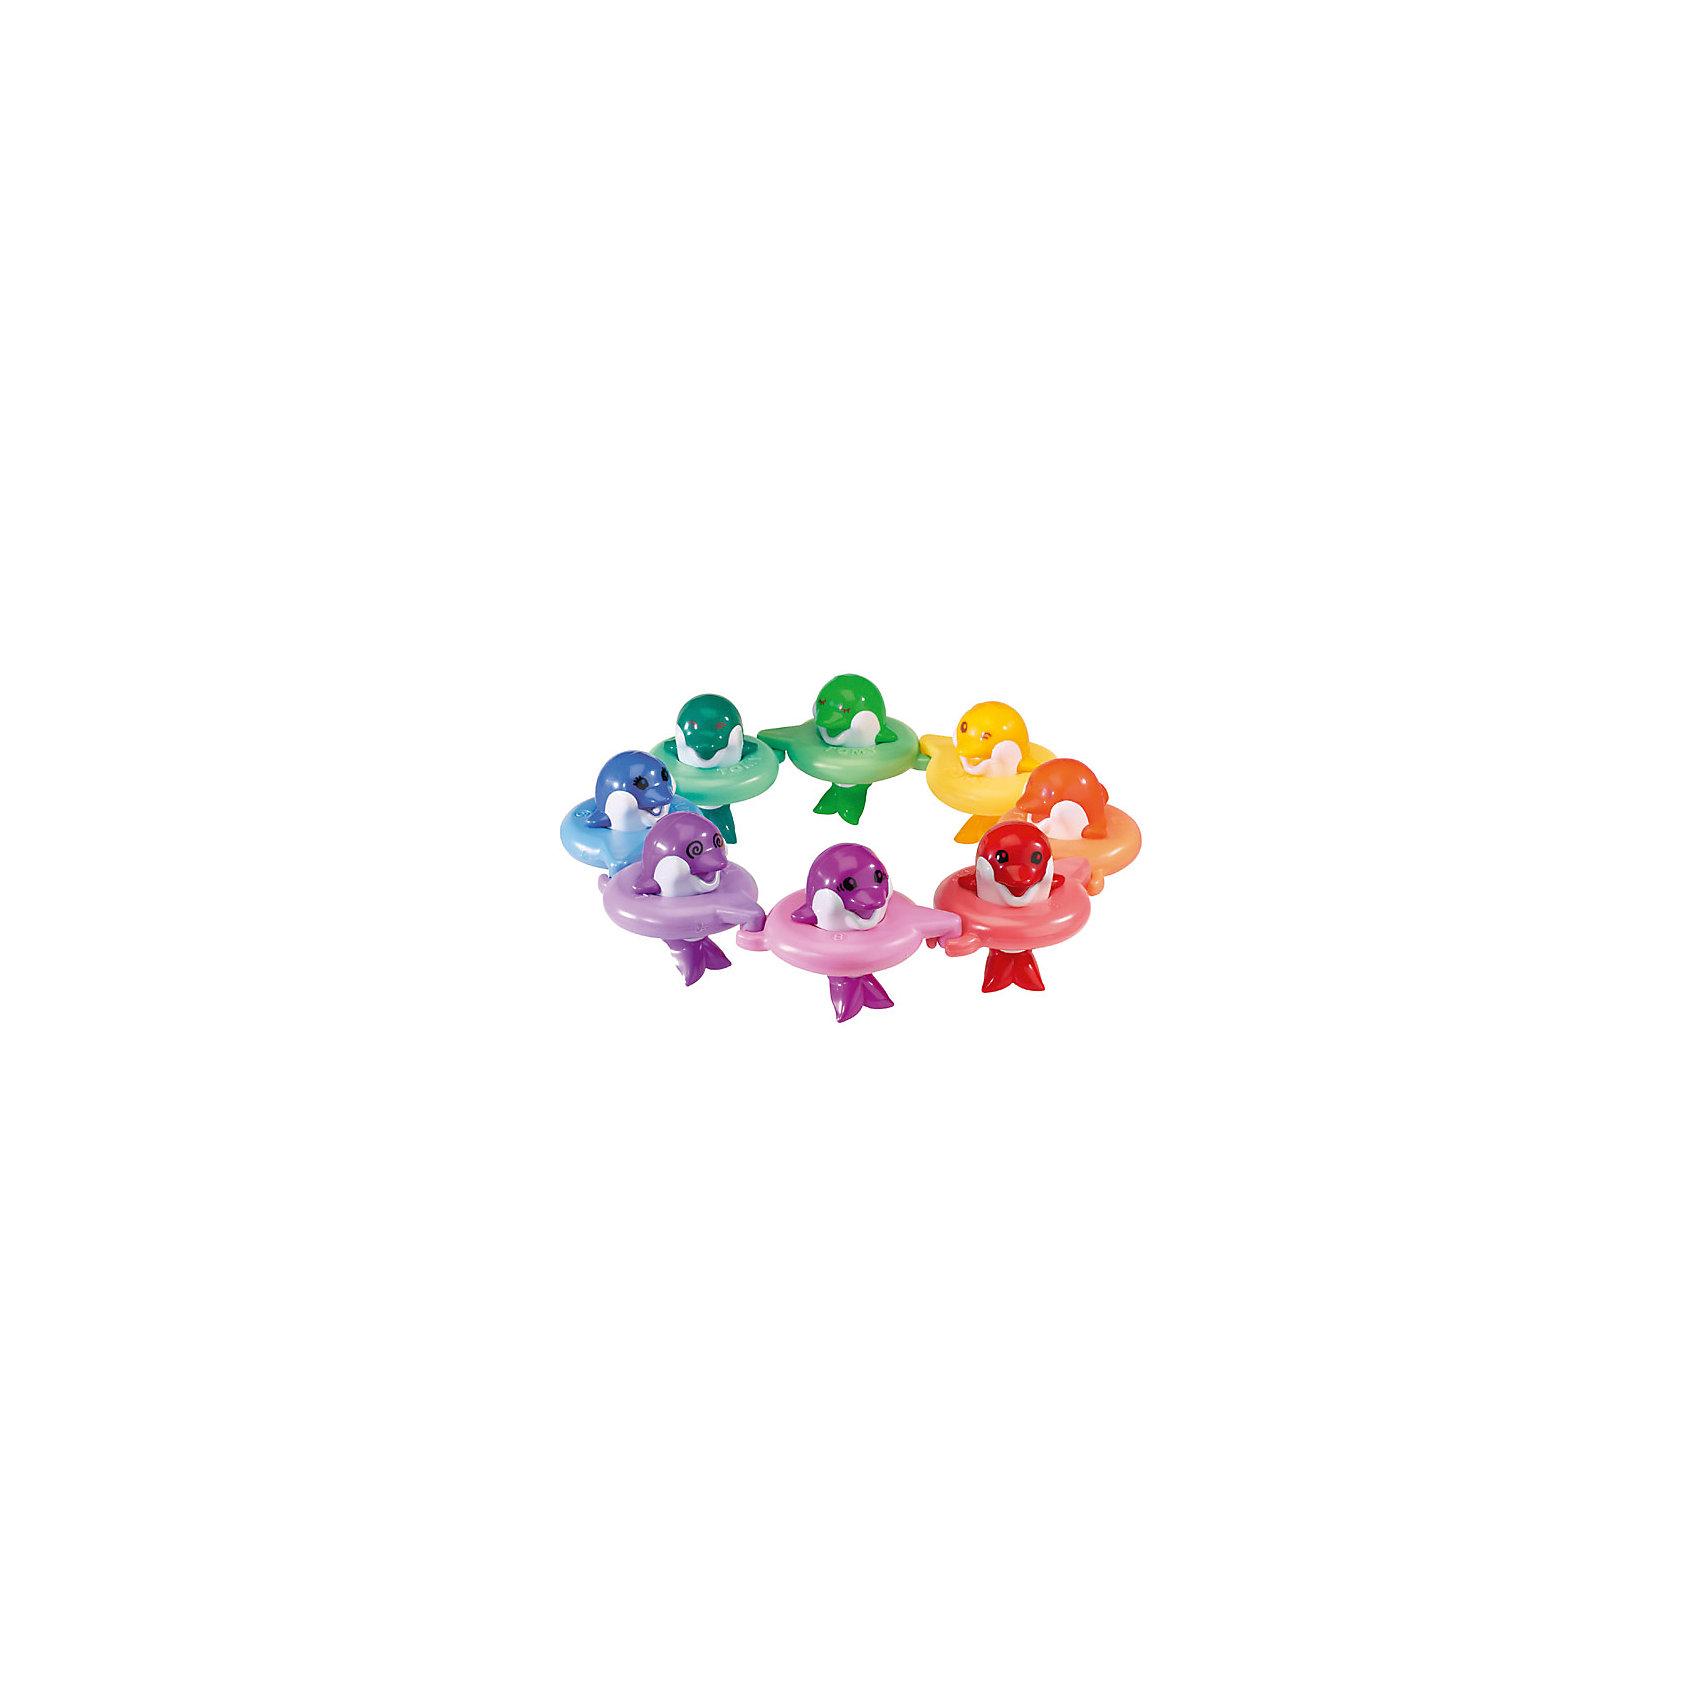 Игрушка для ванной Музыкальные дельфины, TOMYИгровые наборы<br>Игрушка для купания «Музыкальные дельфины До-ре-ми» из серии AQUA FUN известного бренда TOMY (Томи) - это дельфины ярких цветов, каждый из которых пропоёт свою ноту, стоит лишь погладить его по голове.<br><br>Малыш сможет подпевать дельфинам, сортировать их по цвету, соединять в круг или в ряд или же просто играть с каждым из них по отдельности. Если расположить дельфинов в ряд – они споют гамму. Играя с дельфинами, Ваш ребенок сможет сочинять собственные музыкальные композиции!<br><br>Данная игрушка очень полезна для детей от 12 месяцнв до 6 лет, так как с помощью неё у ребёнка развивается восприятие цвета и звука, что раскрывает его таланты!<br><br>Подарите Вашему ребёнку возможность побыть маленьким музыкантом!<br><br>В комплекте:<br>- 8  дельфинов разных цветов <br>- 8 кругов (дельфины из кругов также можно вытаскивать)<br><br>Дополнительная информация:<br>Размер упаковки – 40х28х10 см<br>Длина дельфина – 12 см<br>Диаметр круга – 11 см<br>Материал – высококачественный пластик<br>Дополнительные батарейки не нужны!<br><br>С замечательными разноцветными улыбающимися дельфинчиками, водные процедуры будут доставлять Вашему малышу невероятное удовольствие! Музыкальных дельфинов от Томи Вы можете купить в нашем интернет-магазине.<br><br>Серия игрушек для купания Tomy Аква Фан дарит Вам прекрасную возможность побыть вместе с малышом и одновременно приучить его к ежевечернему ритуалу купания перед сном.<br><br>Ширина мм: 302<br>Глубина мм: 281<br>Высота мм: 100<br>Вес г: 1009<br>Возраст от месяцев: 12<br>Возраст до месяцев: 48<br>Пол: Унисекс<br>Возраст: Детский<br>SKU: 1698384